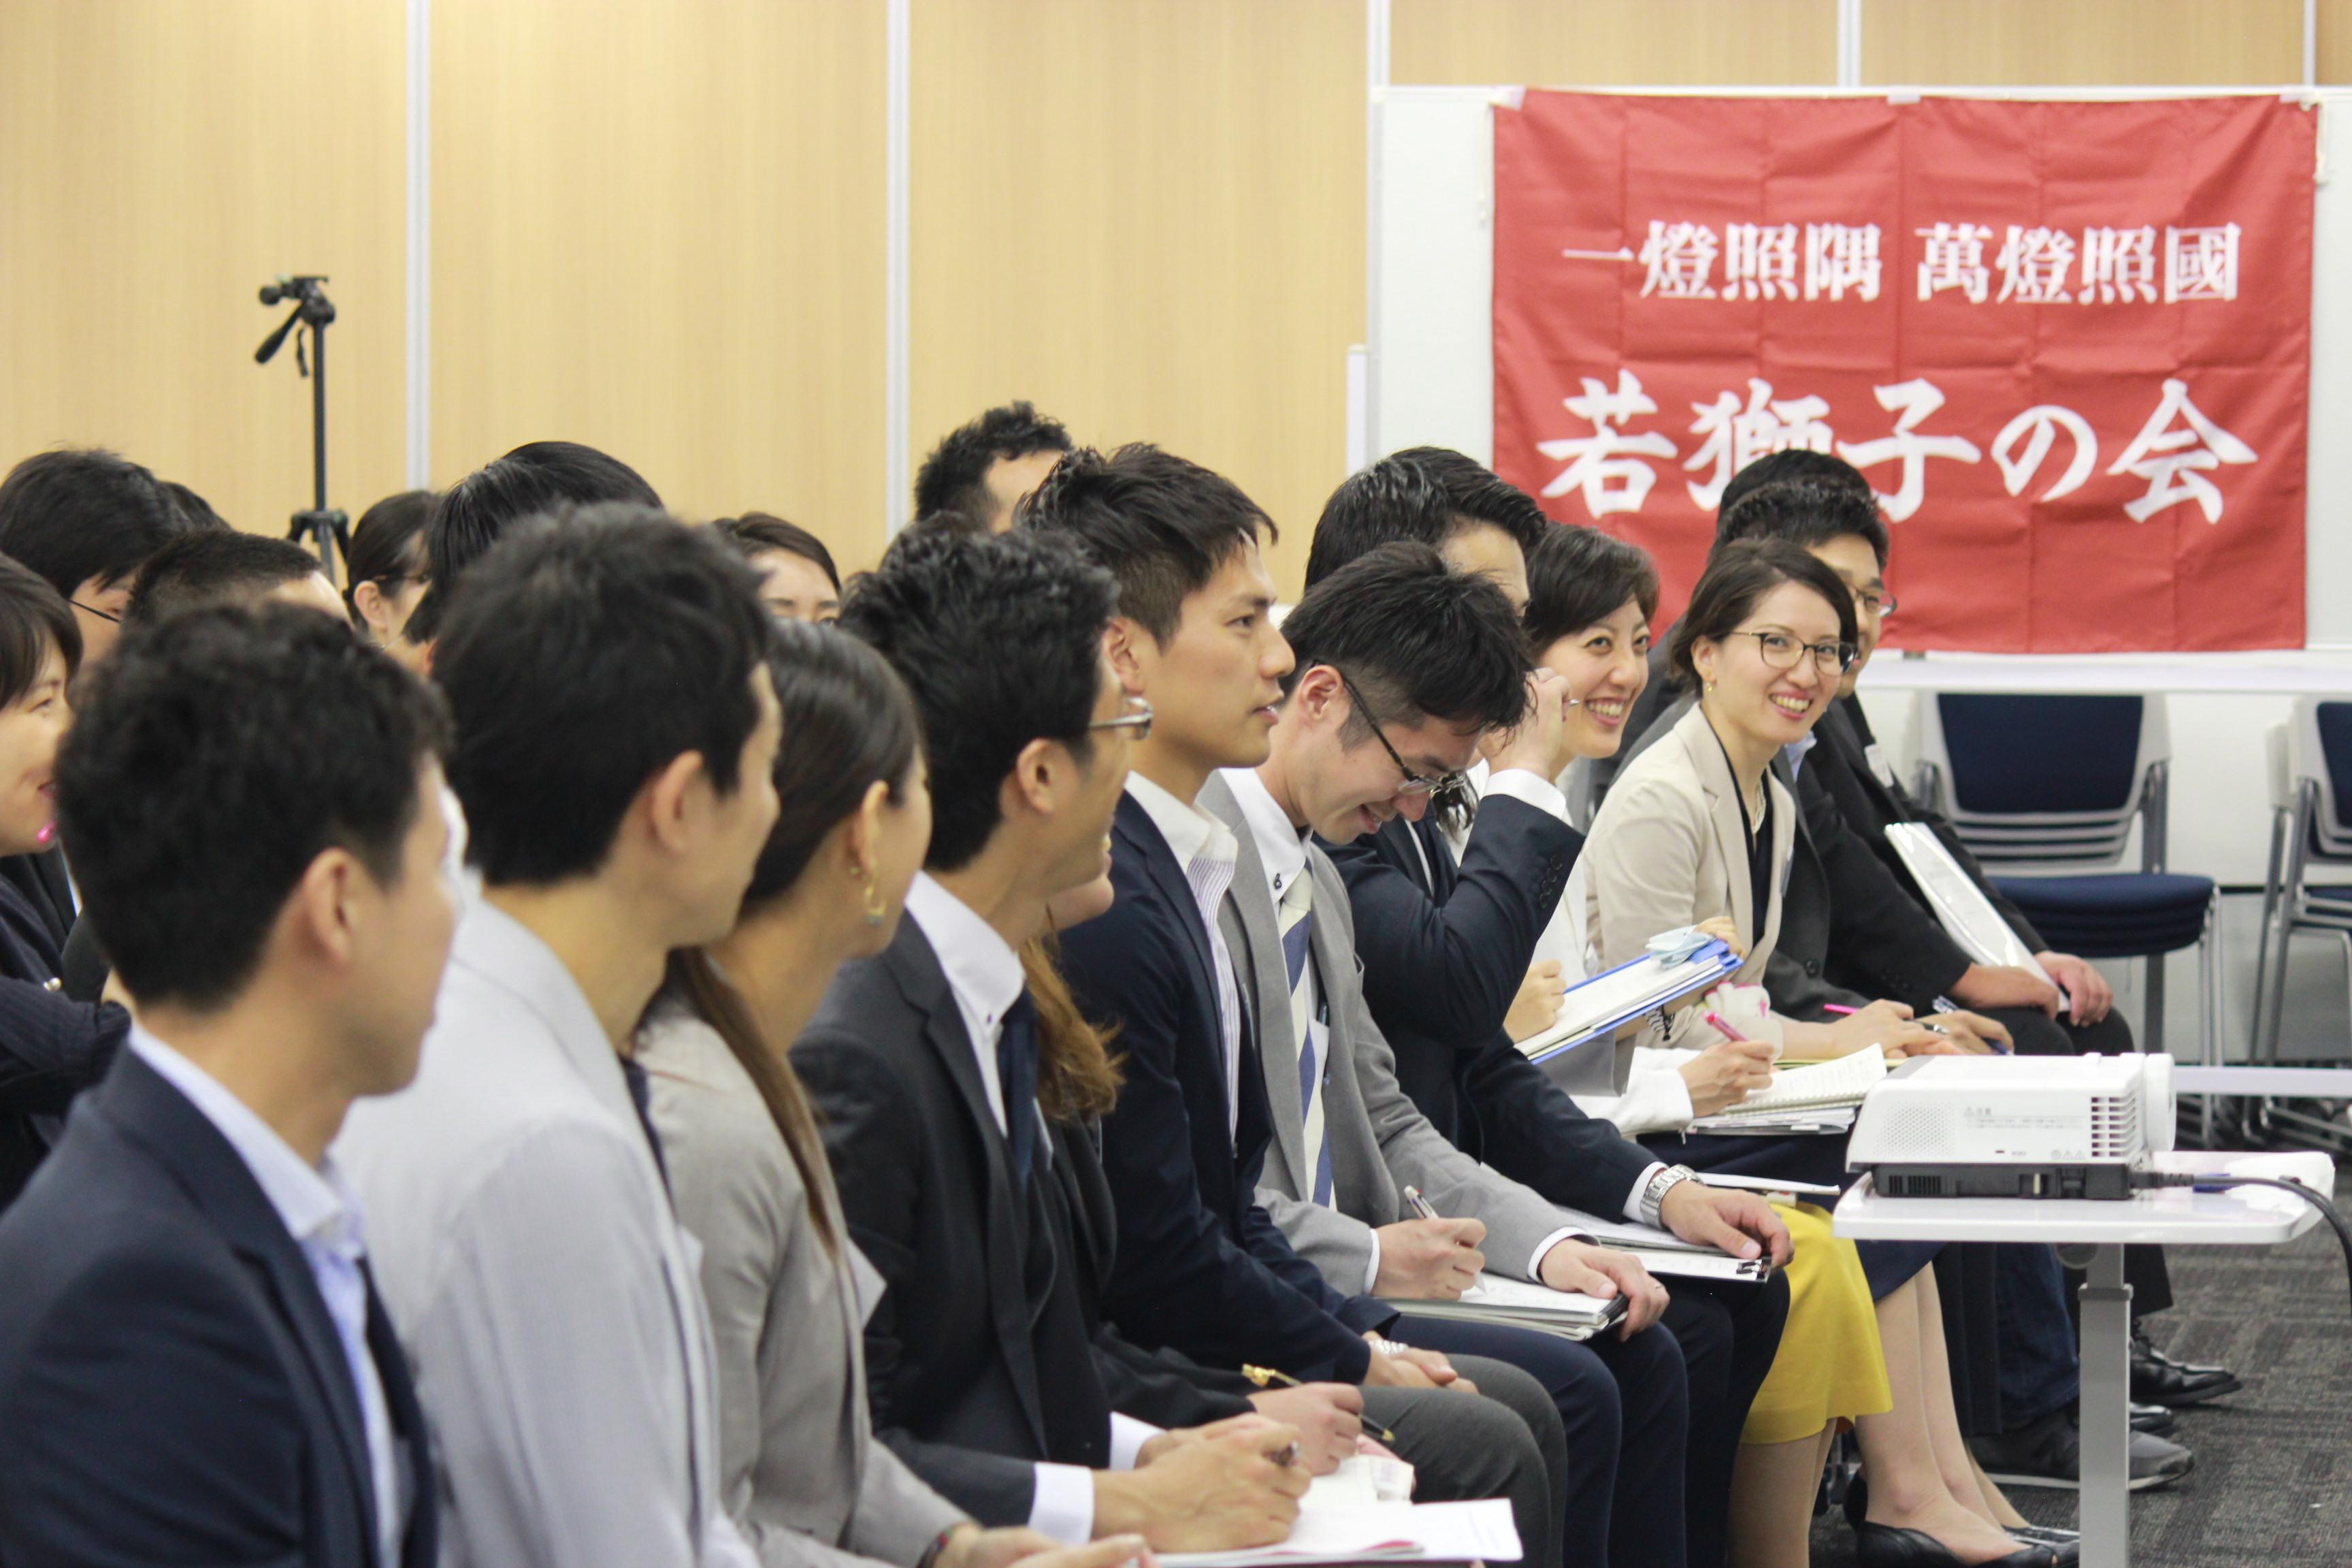 IMG 7842 - 7月20日関東若獅子の会